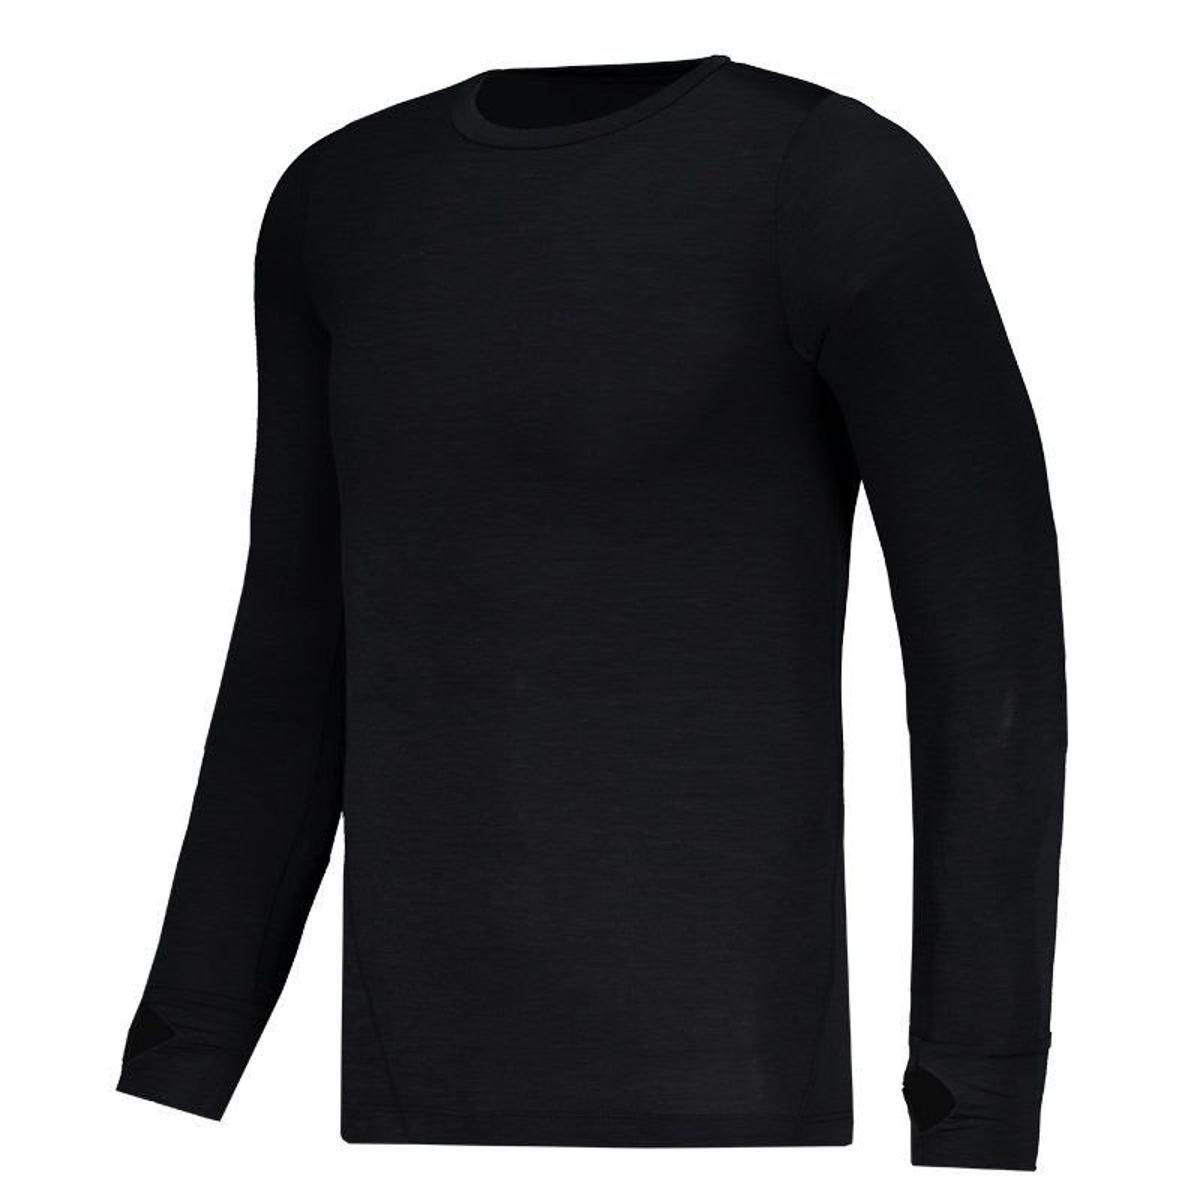 camisa penalty compressão max flex uv 50. Carregando zoom. 0e9d2bf3e6ad5